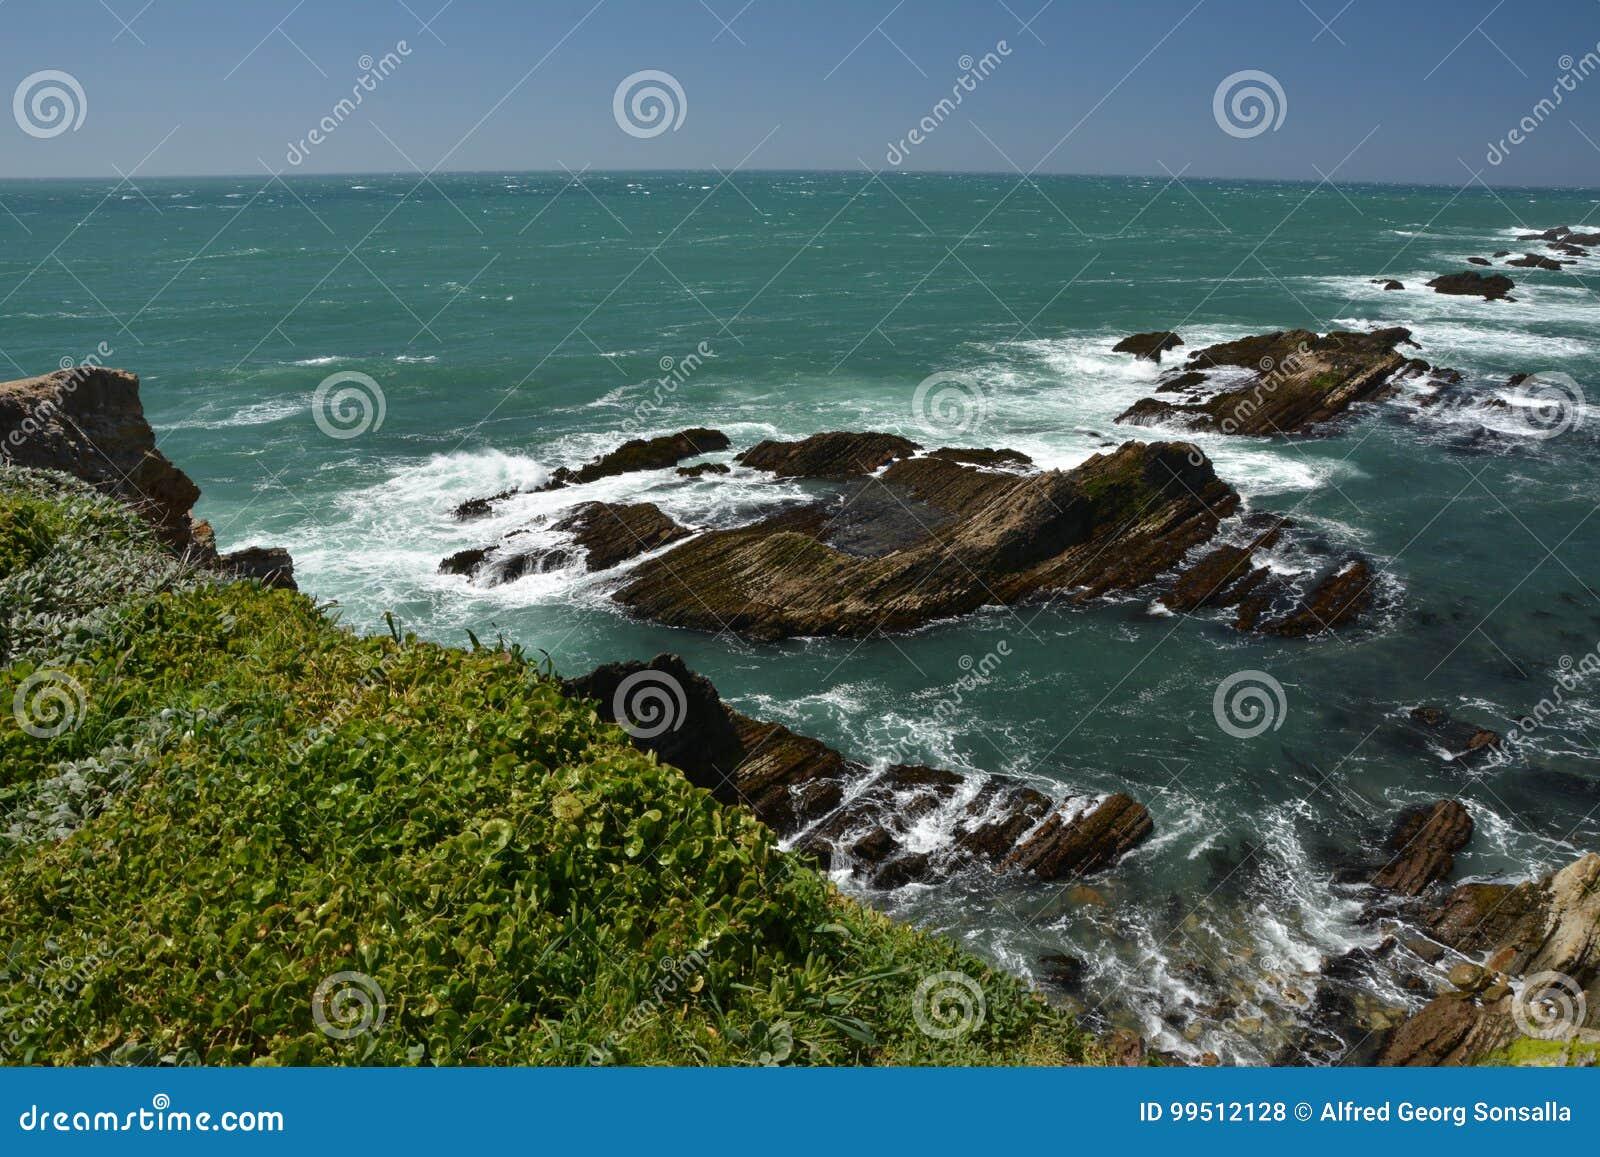 Εντυπώσεις παράλια Ειρηνικού του φωτός χώρων σημείου, Καλιφόρνια ΗΠΑ